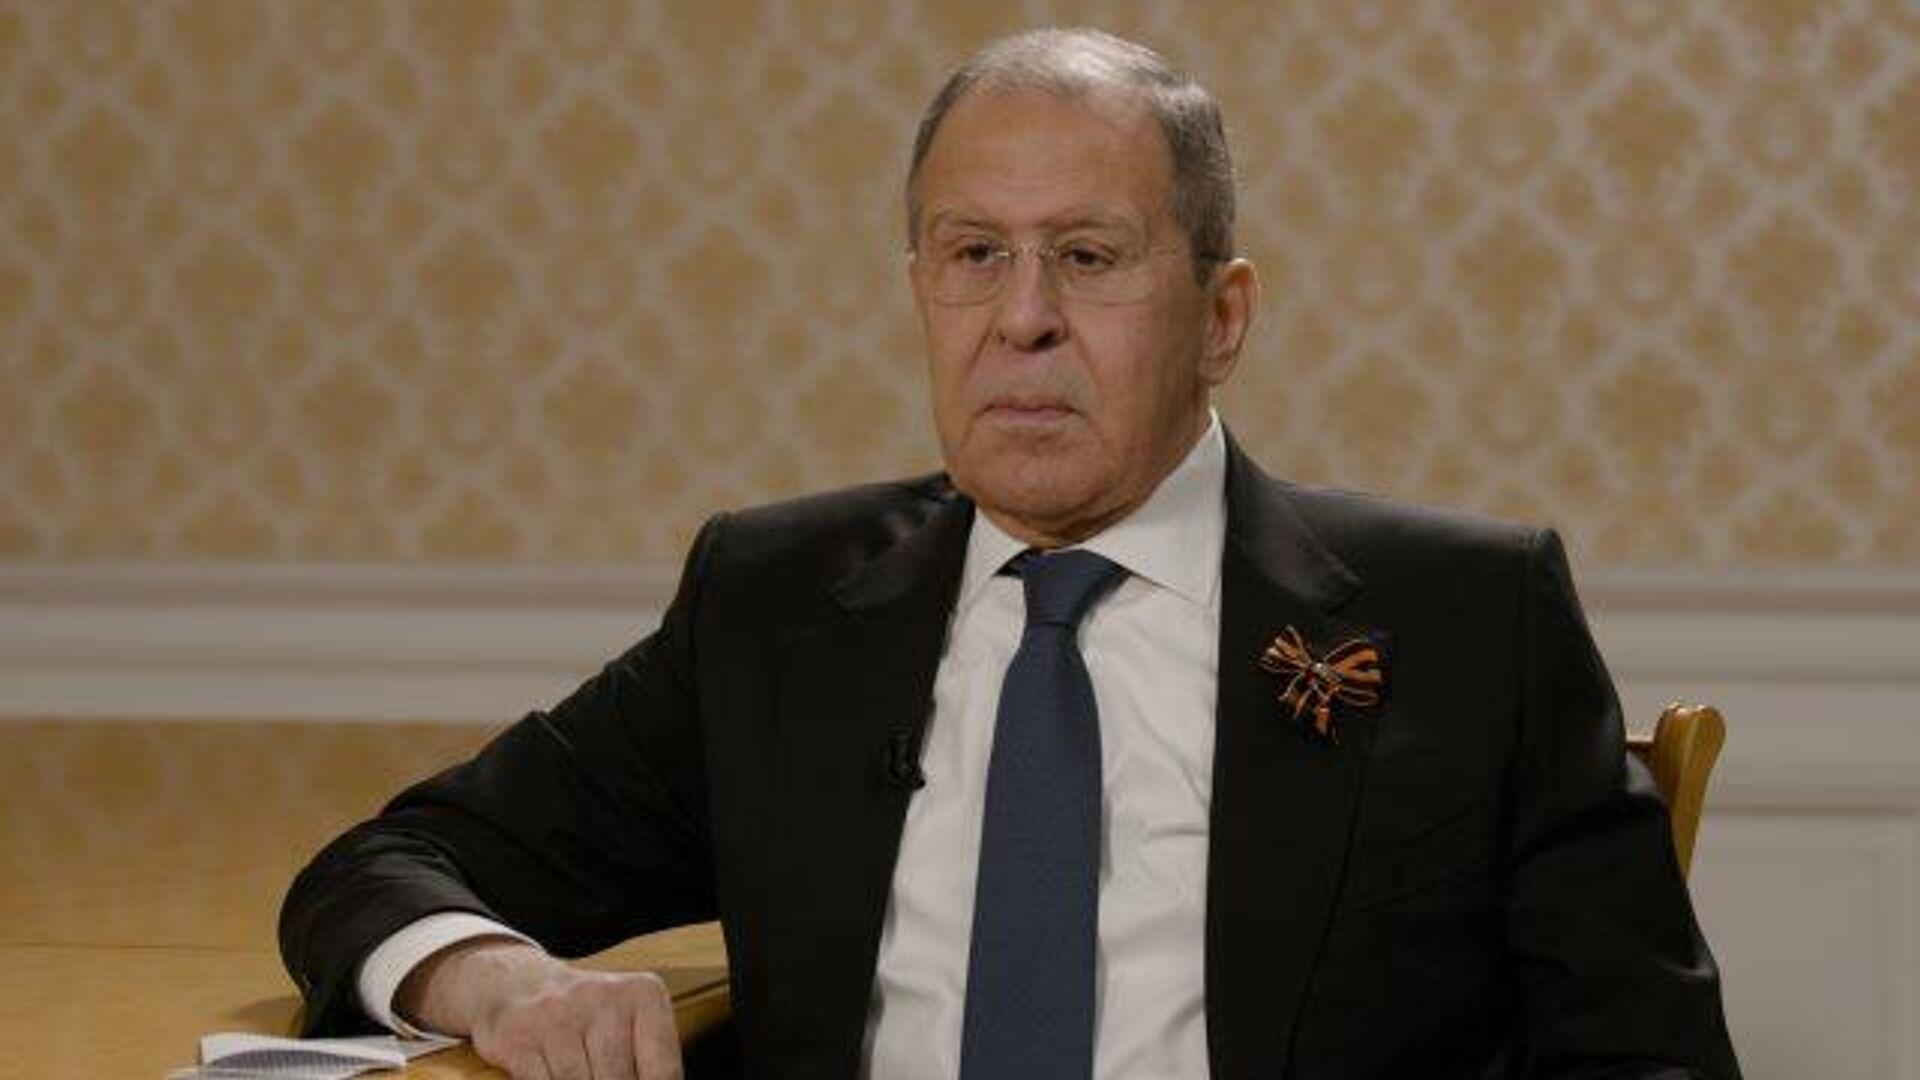 России ни к чему подрывать государственность США, заявил Патрушев